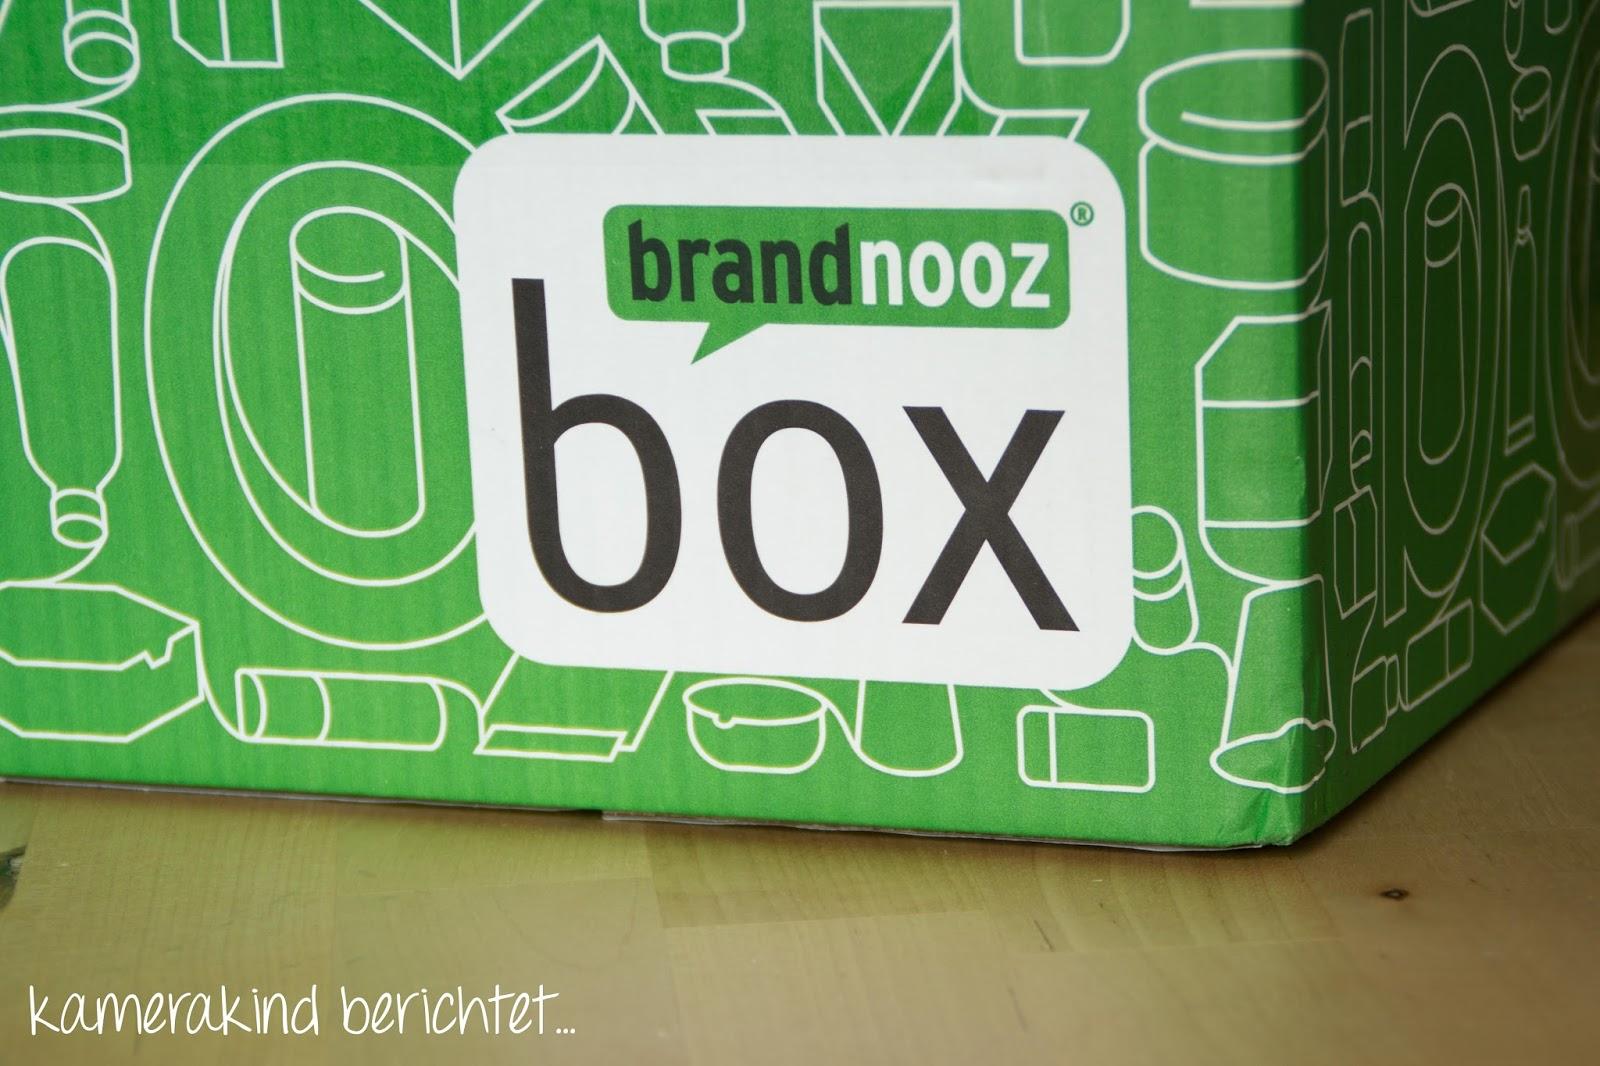 Lebensmittelkiste Brandnooz Box Februar 2015 ausgepackt